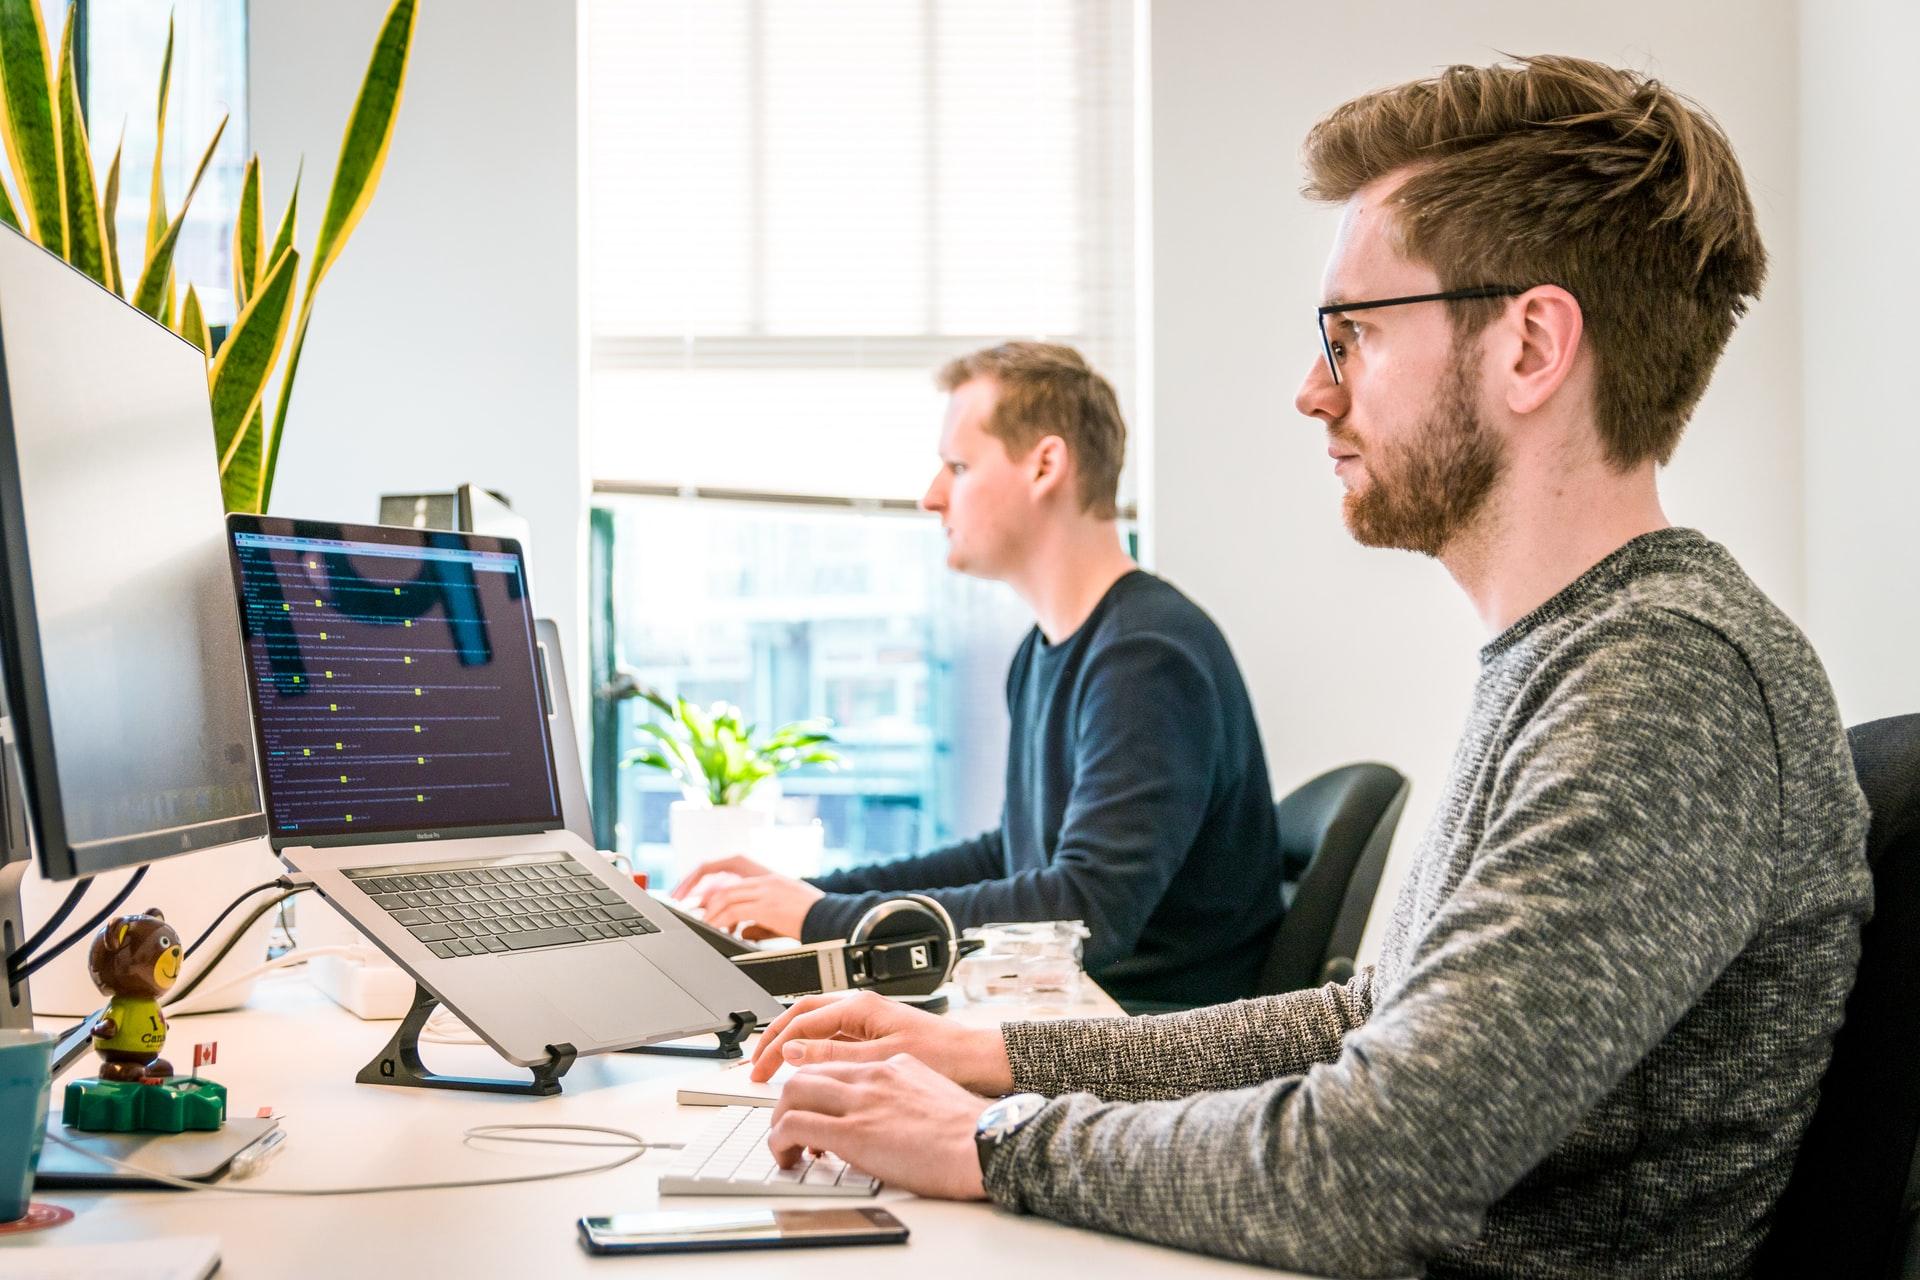 L'ús correcte dels ordinadors al lloc de treball